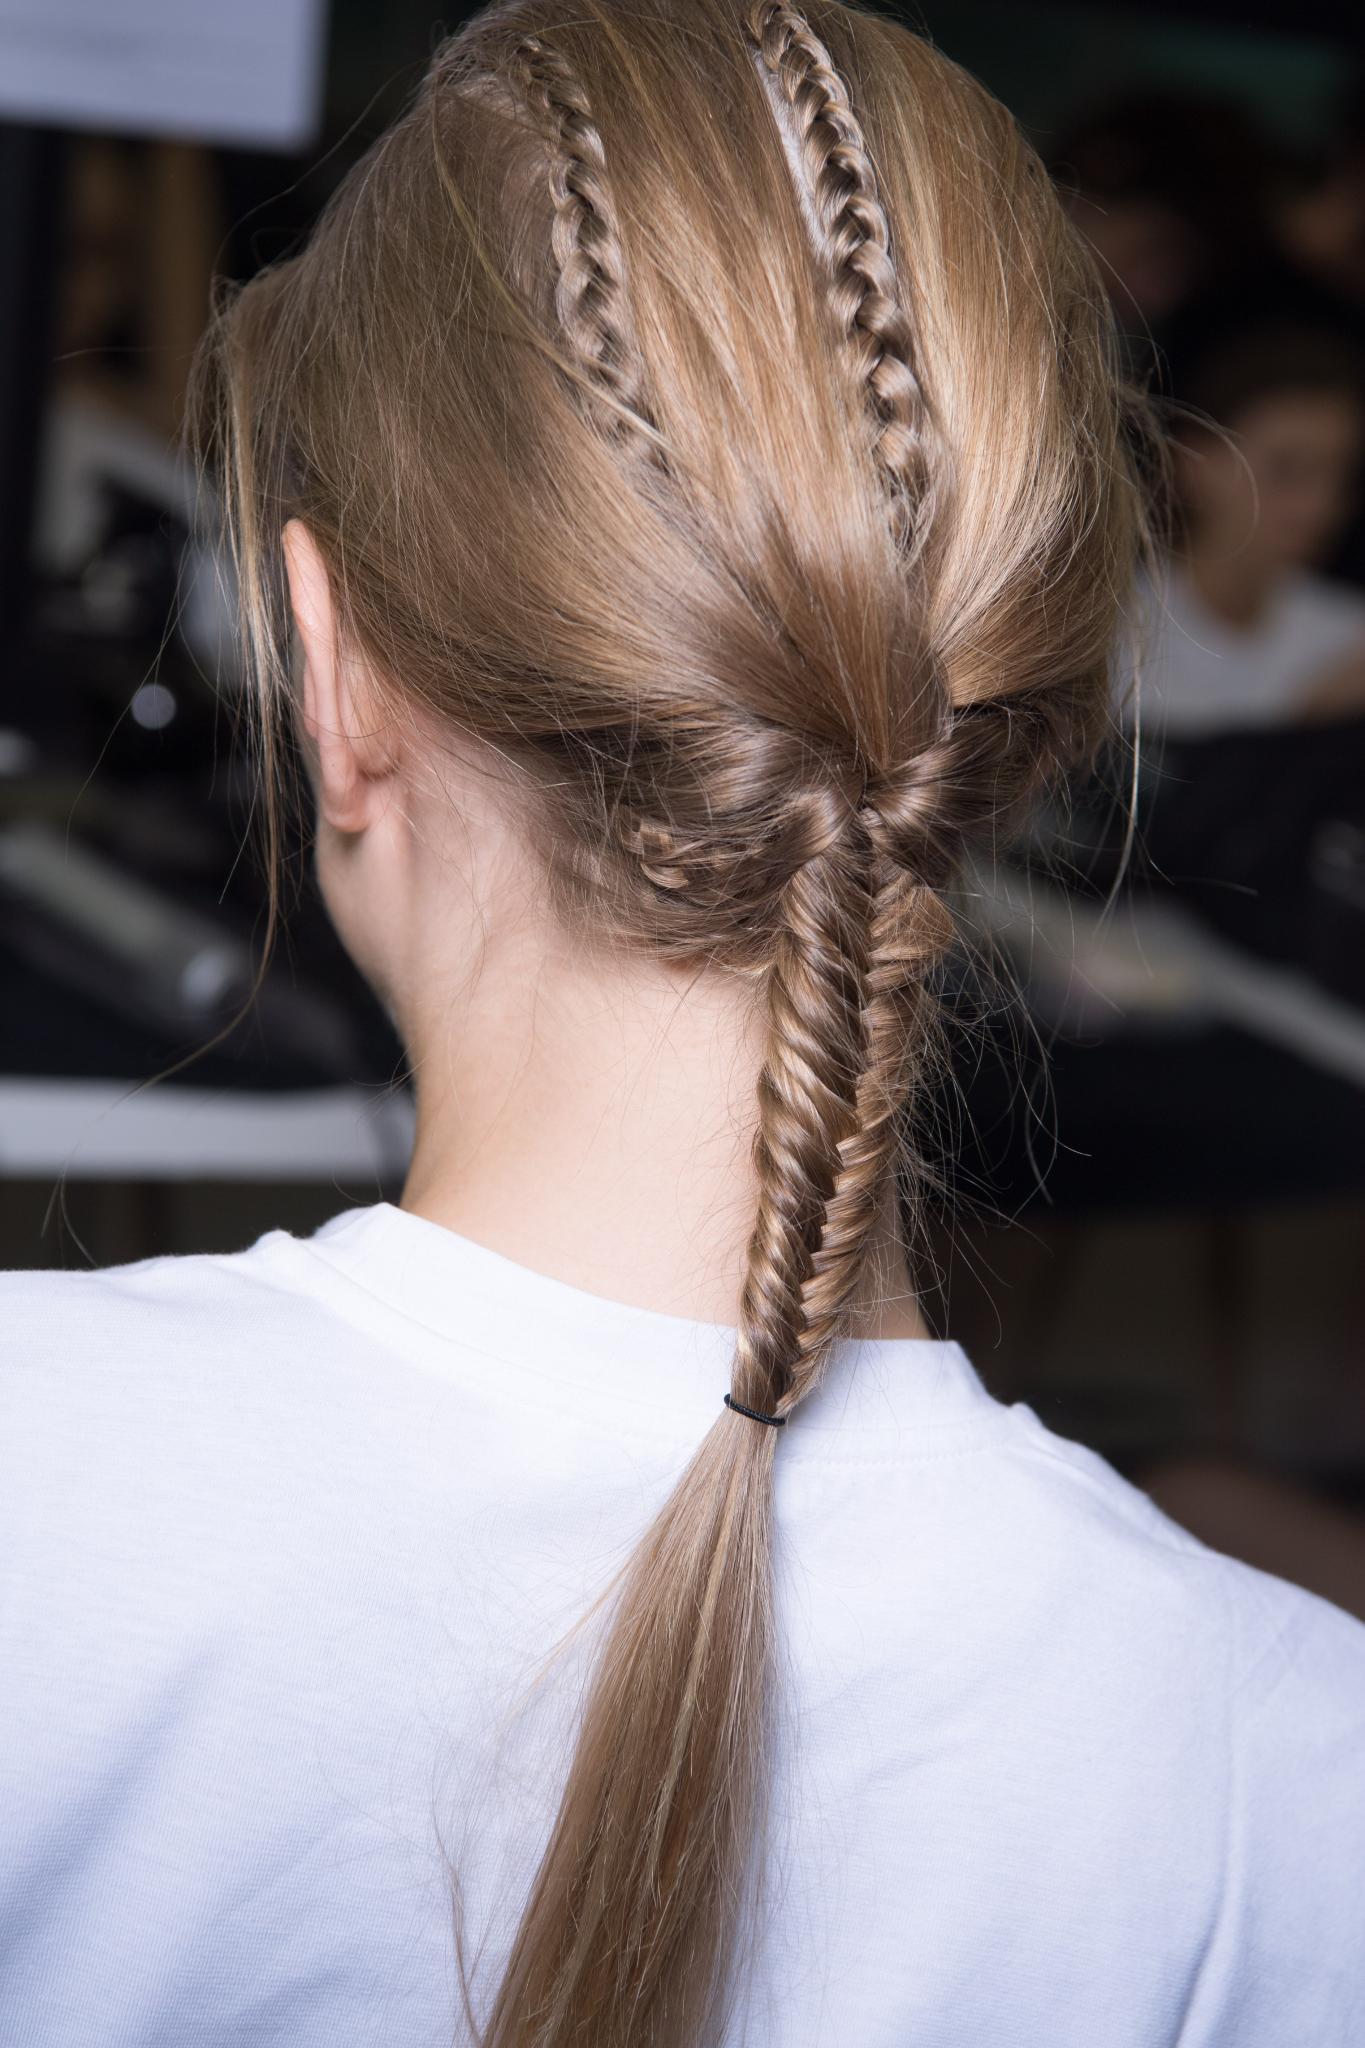 Melena rubia ceniza vista desde atrás, cabello recogido en una trenza espiga y detalles de trenza francesa